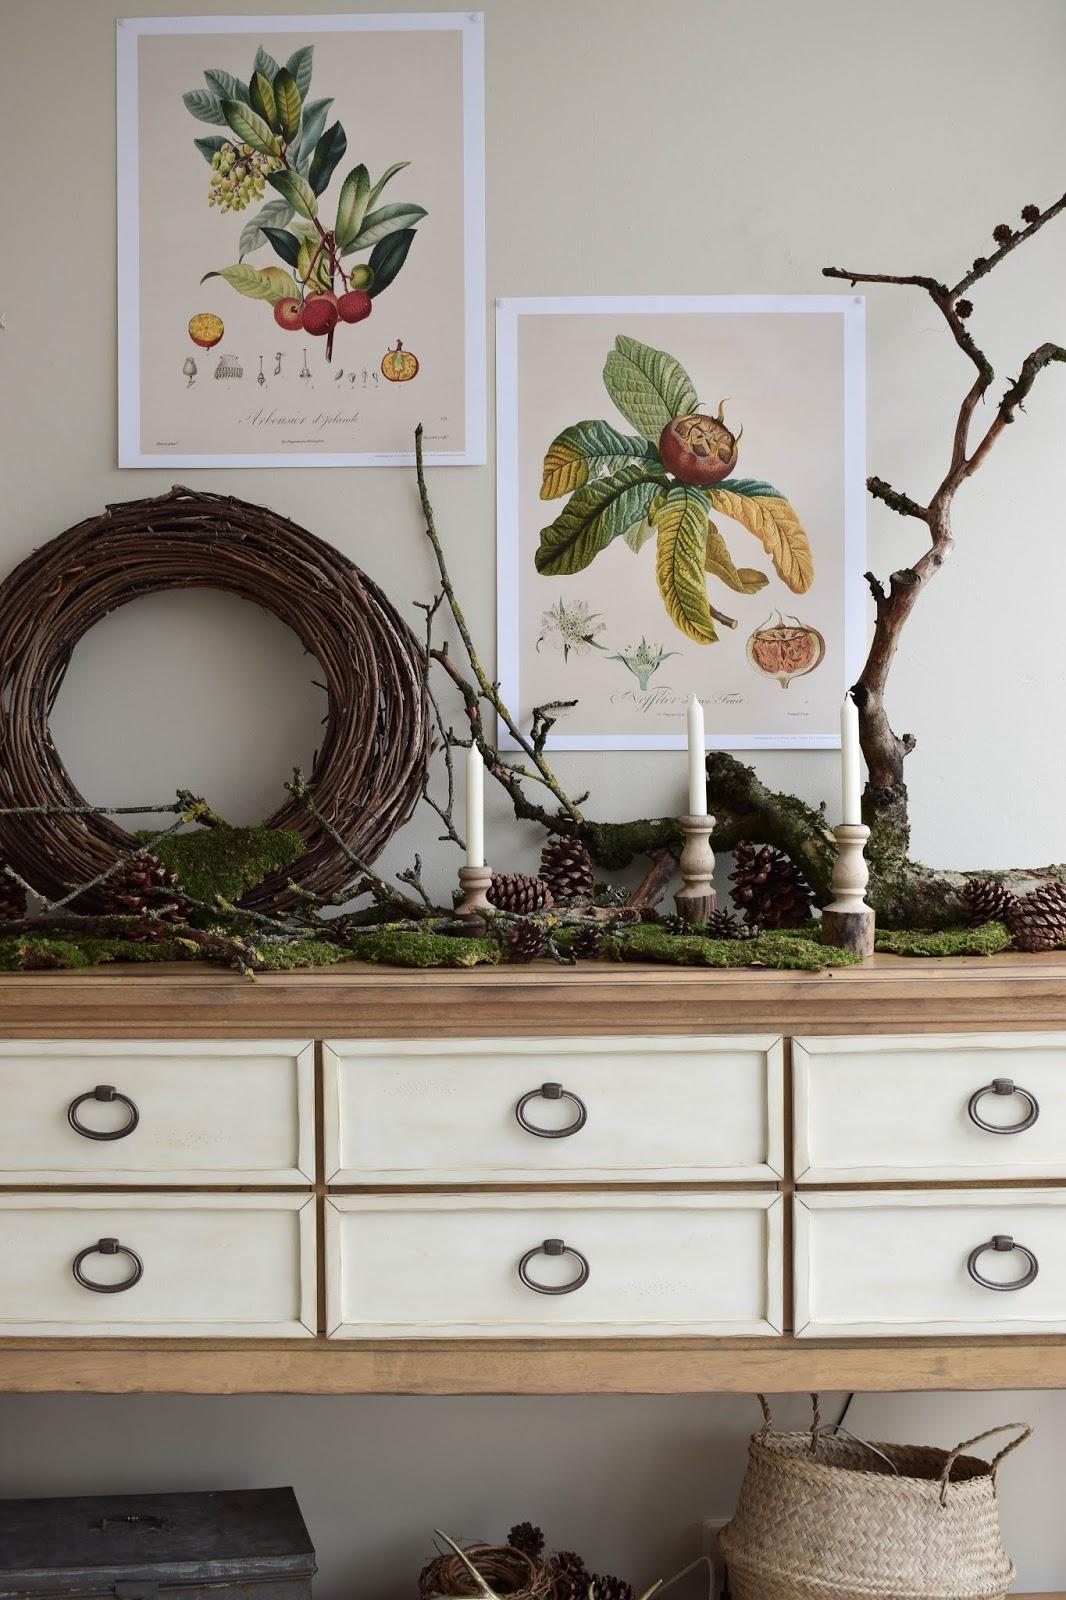 Kalender 2019 mit botanischen Zeichnungen Drucke Poster Deko Dekoidee Wanddeko von DUMONT teNeues Naturdeko mit Moos Ästen